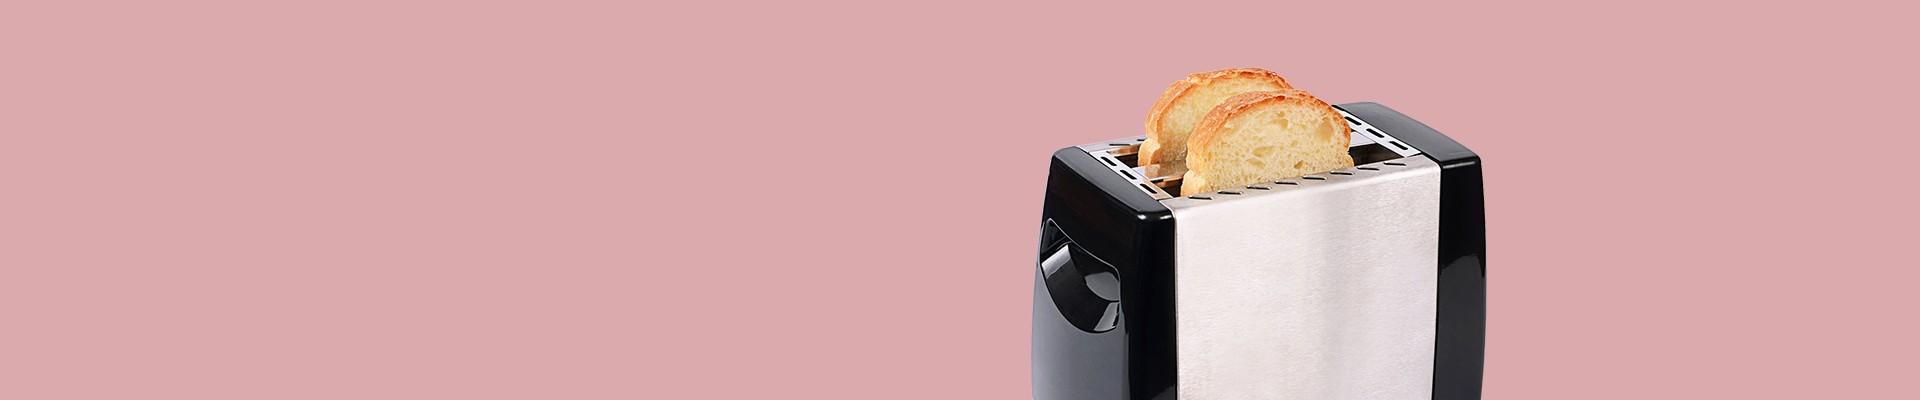 Jual Toaster - Pemanggang Roti - Harga Lebih Murah